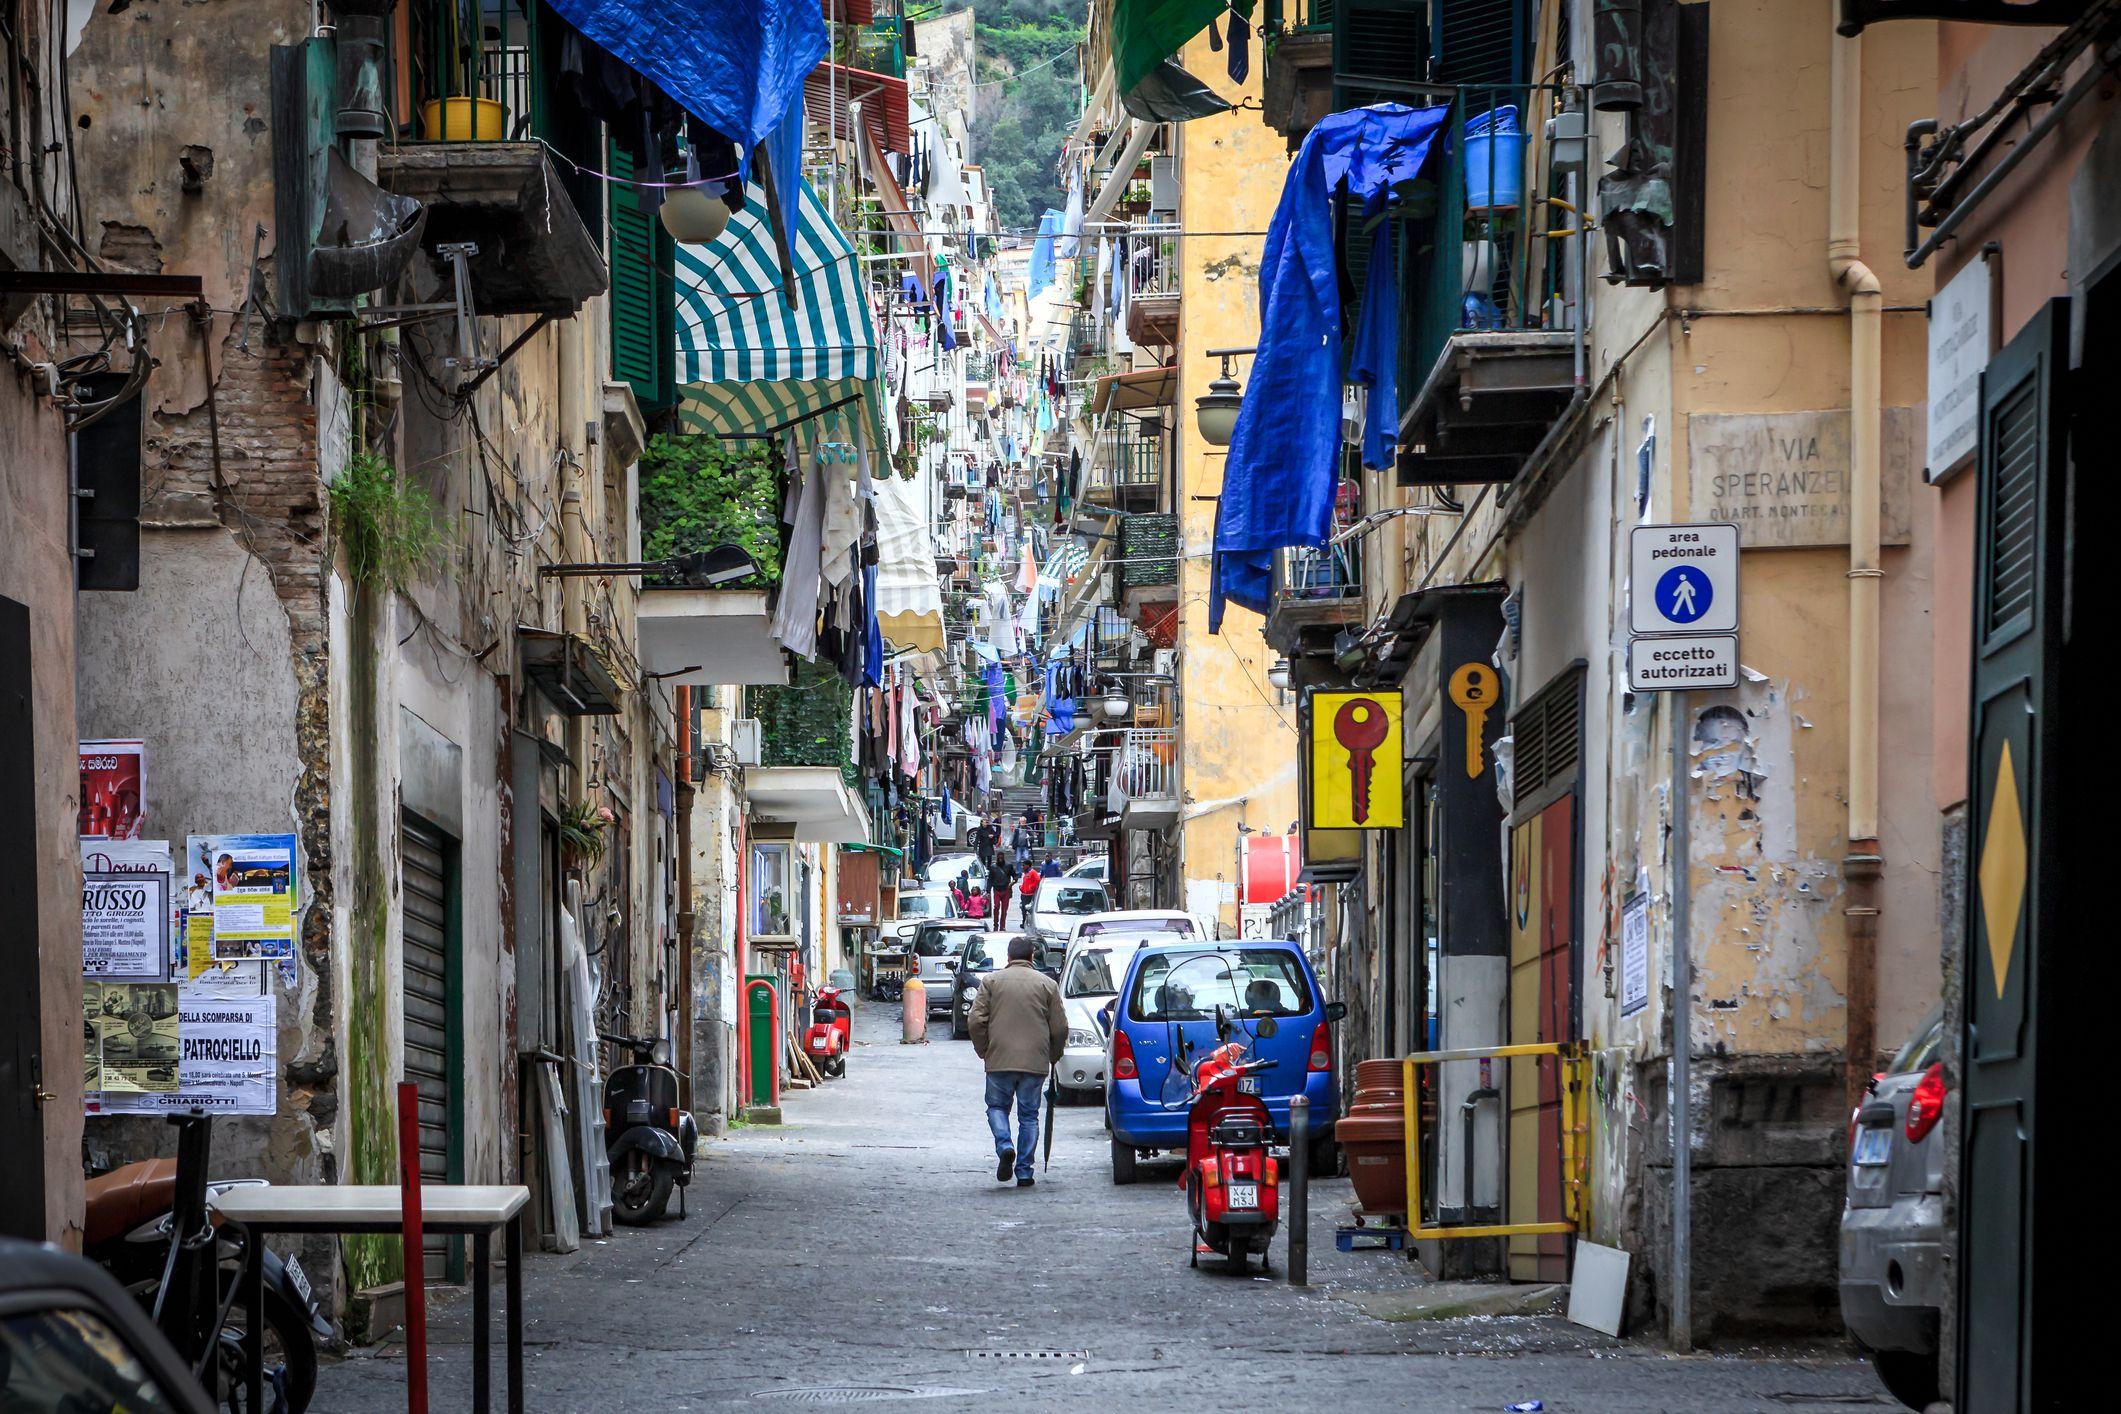 Neighborhoods of Naples, Italy